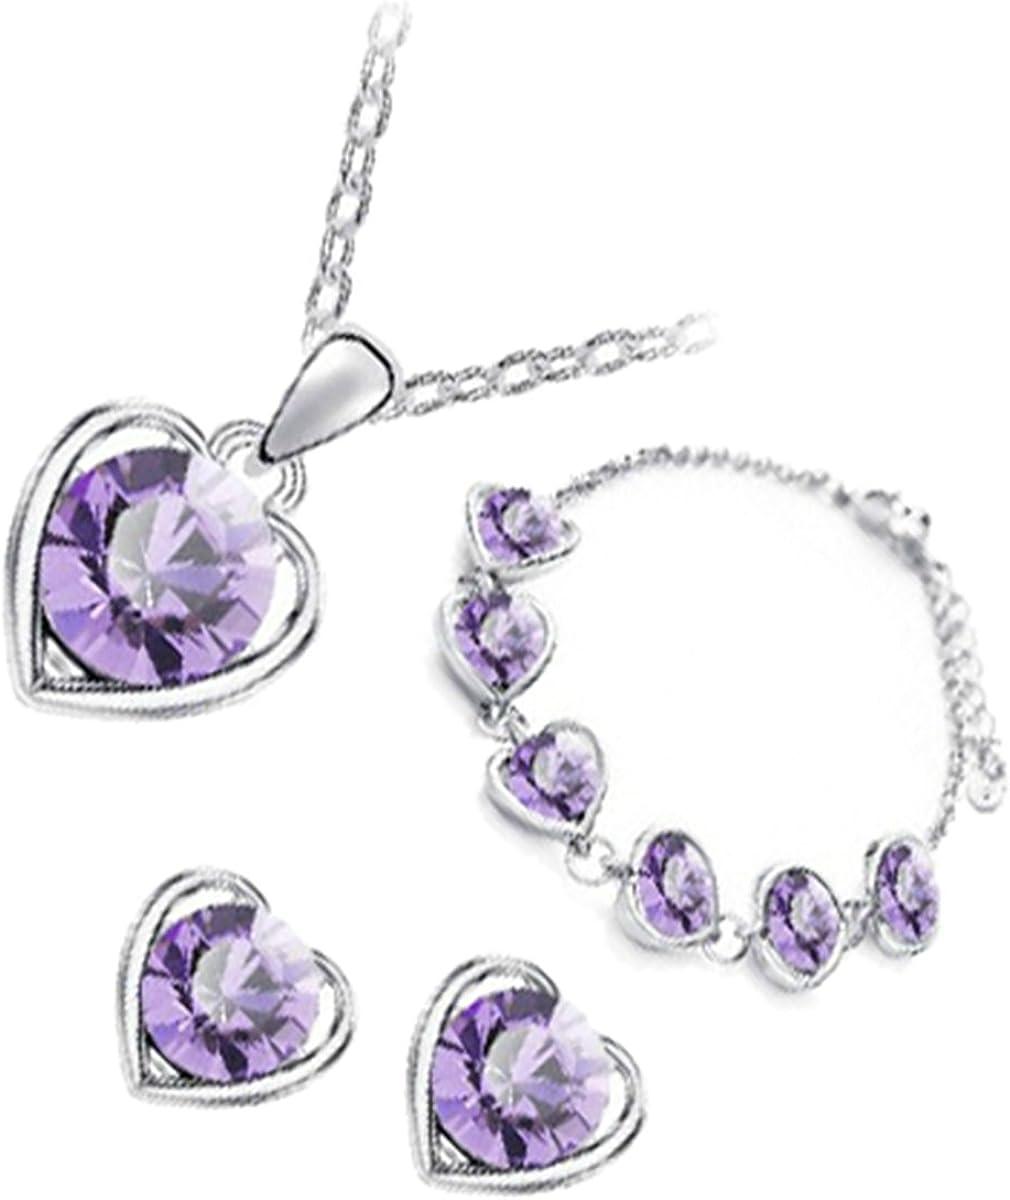 GWG Jewellery Juego de Joyas Mujer Regalo Conjunto Collar, Pendientes y Pulsera, Chapado en Plata de Ley Cristal Redondo Colorado Encuadrado en Corazón para Mujeres